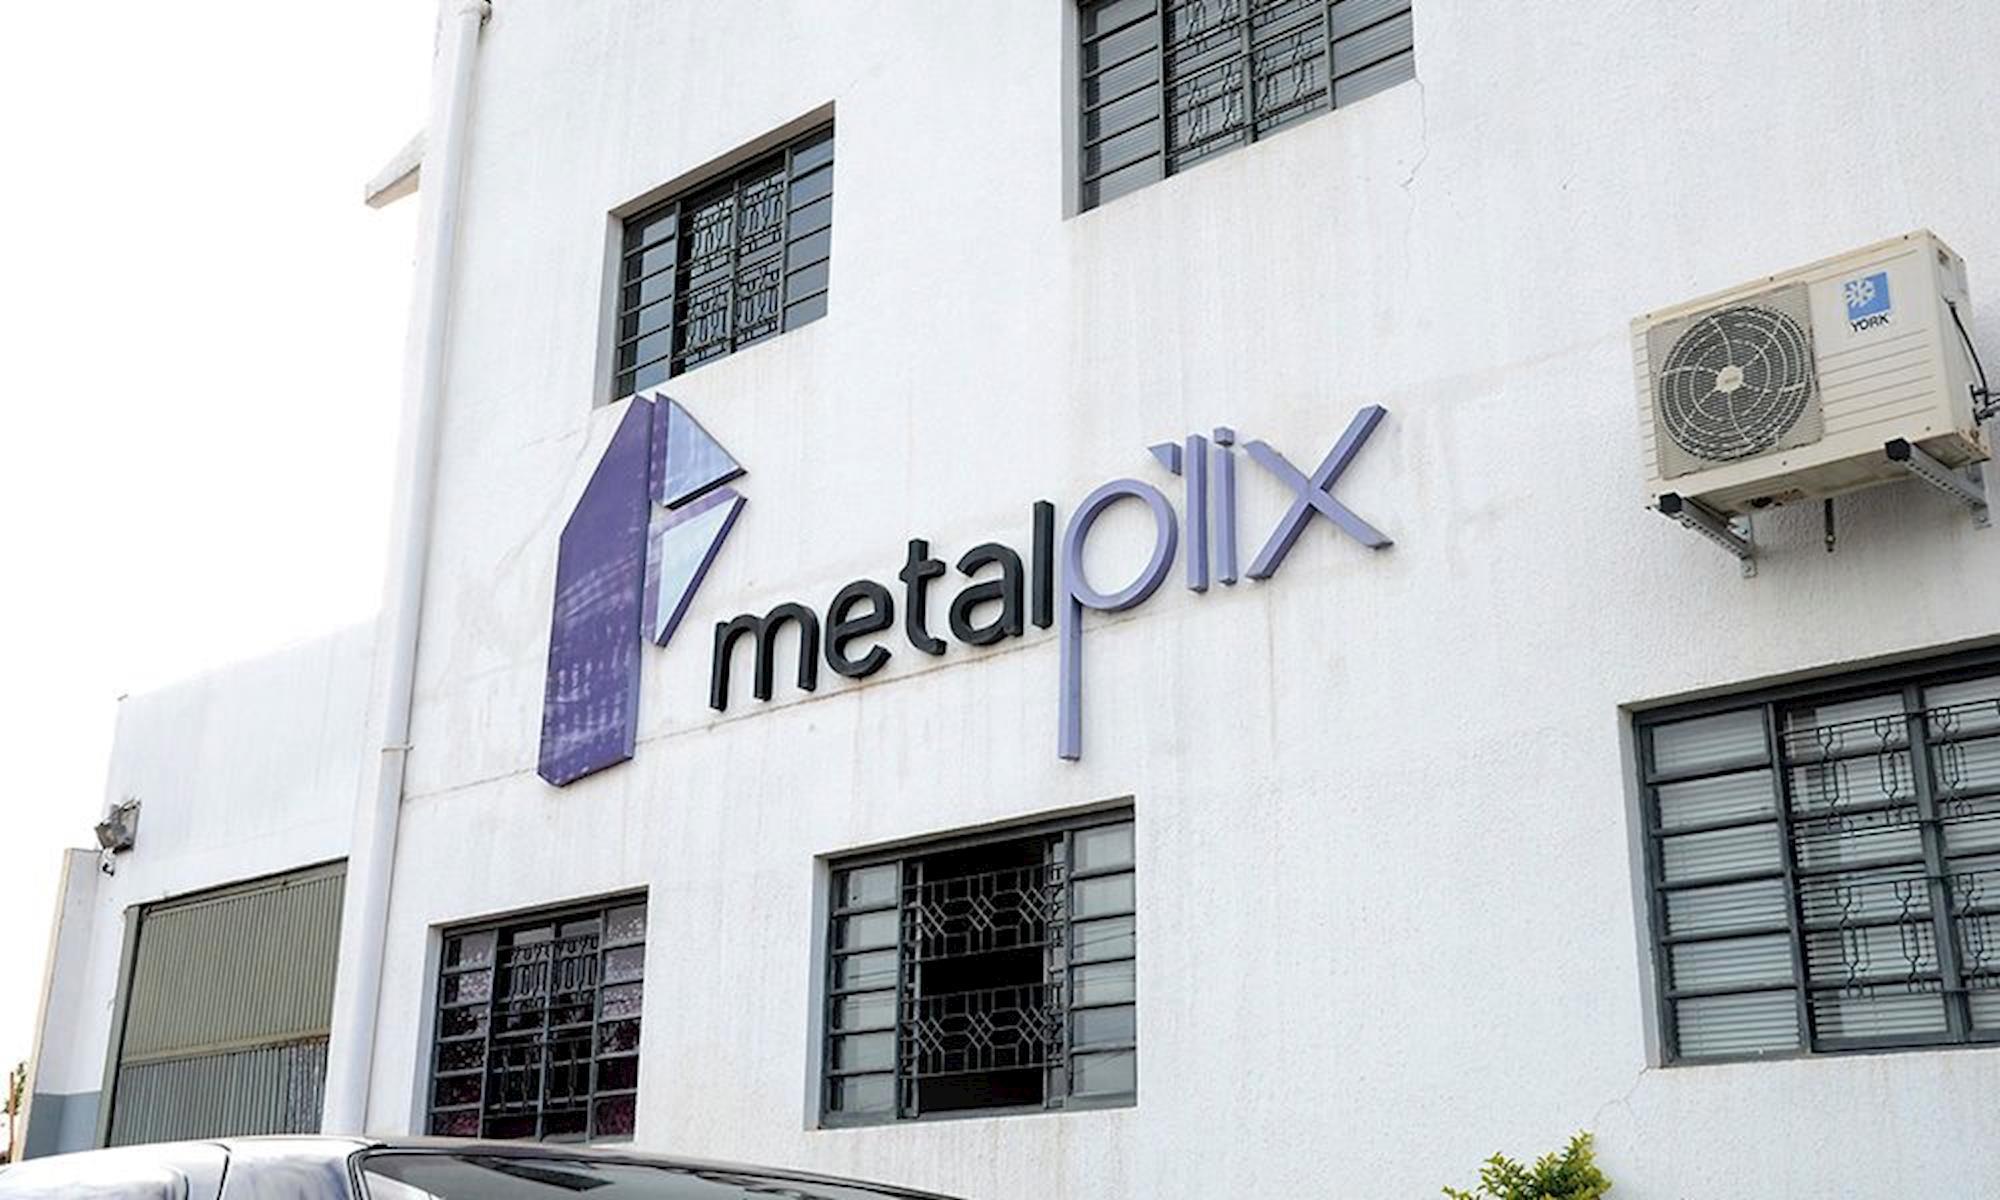 metalplix, Arquivo SMetal/Foguinho